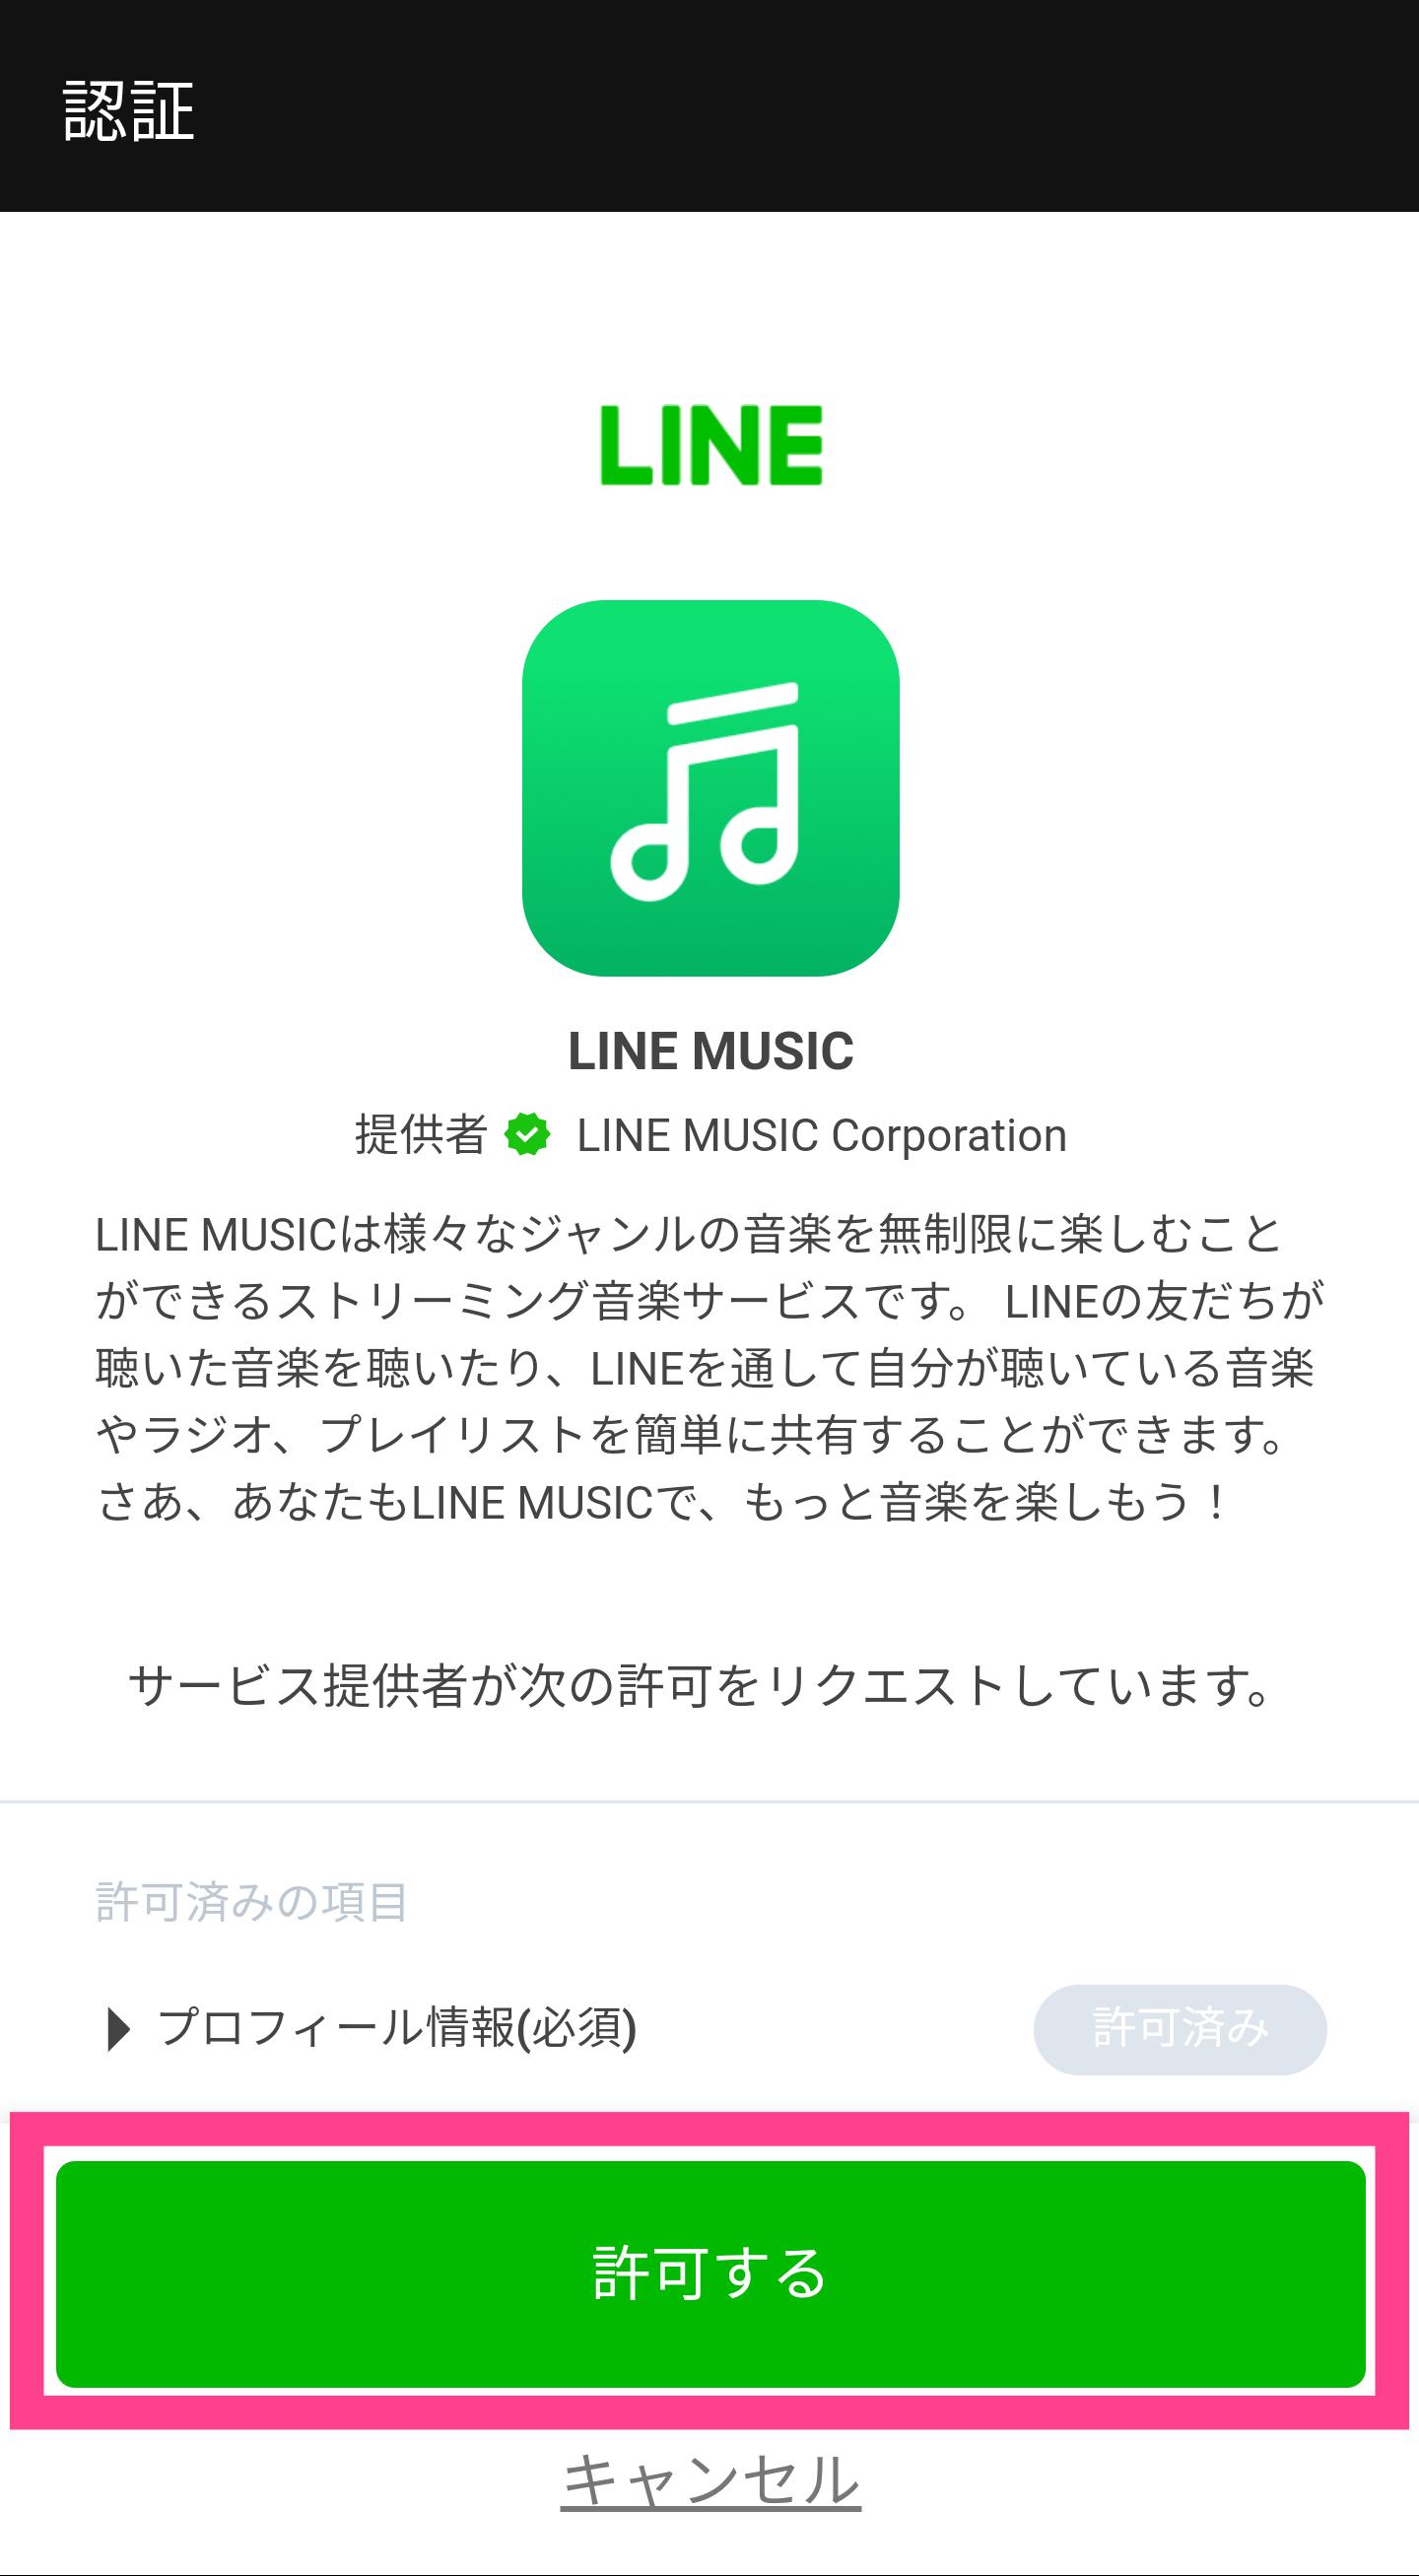 LINE-MUSIC-ログイン